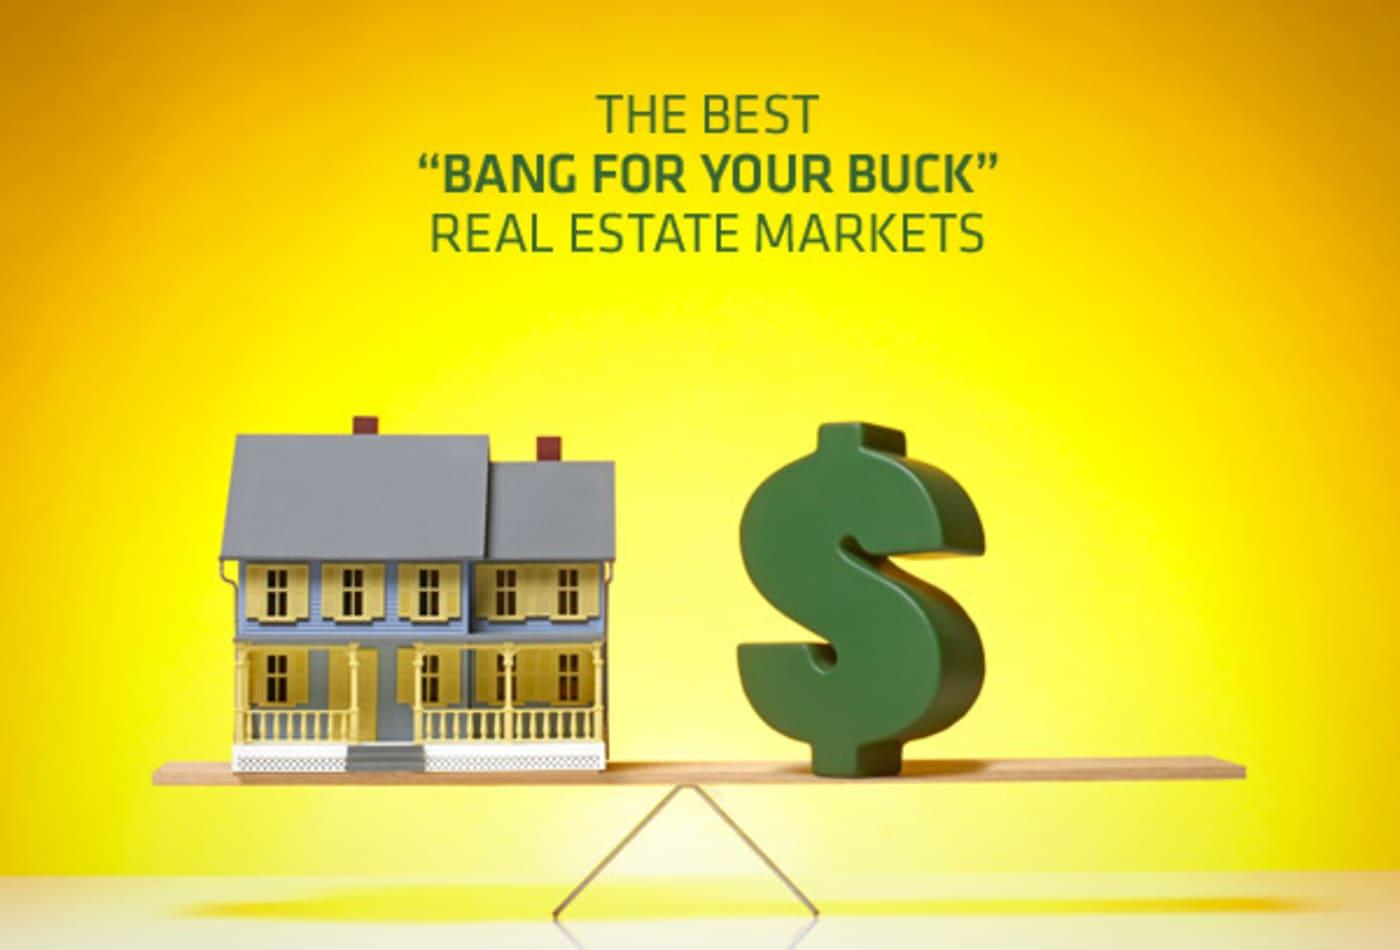 bang-for-buck-1-cover.jpg